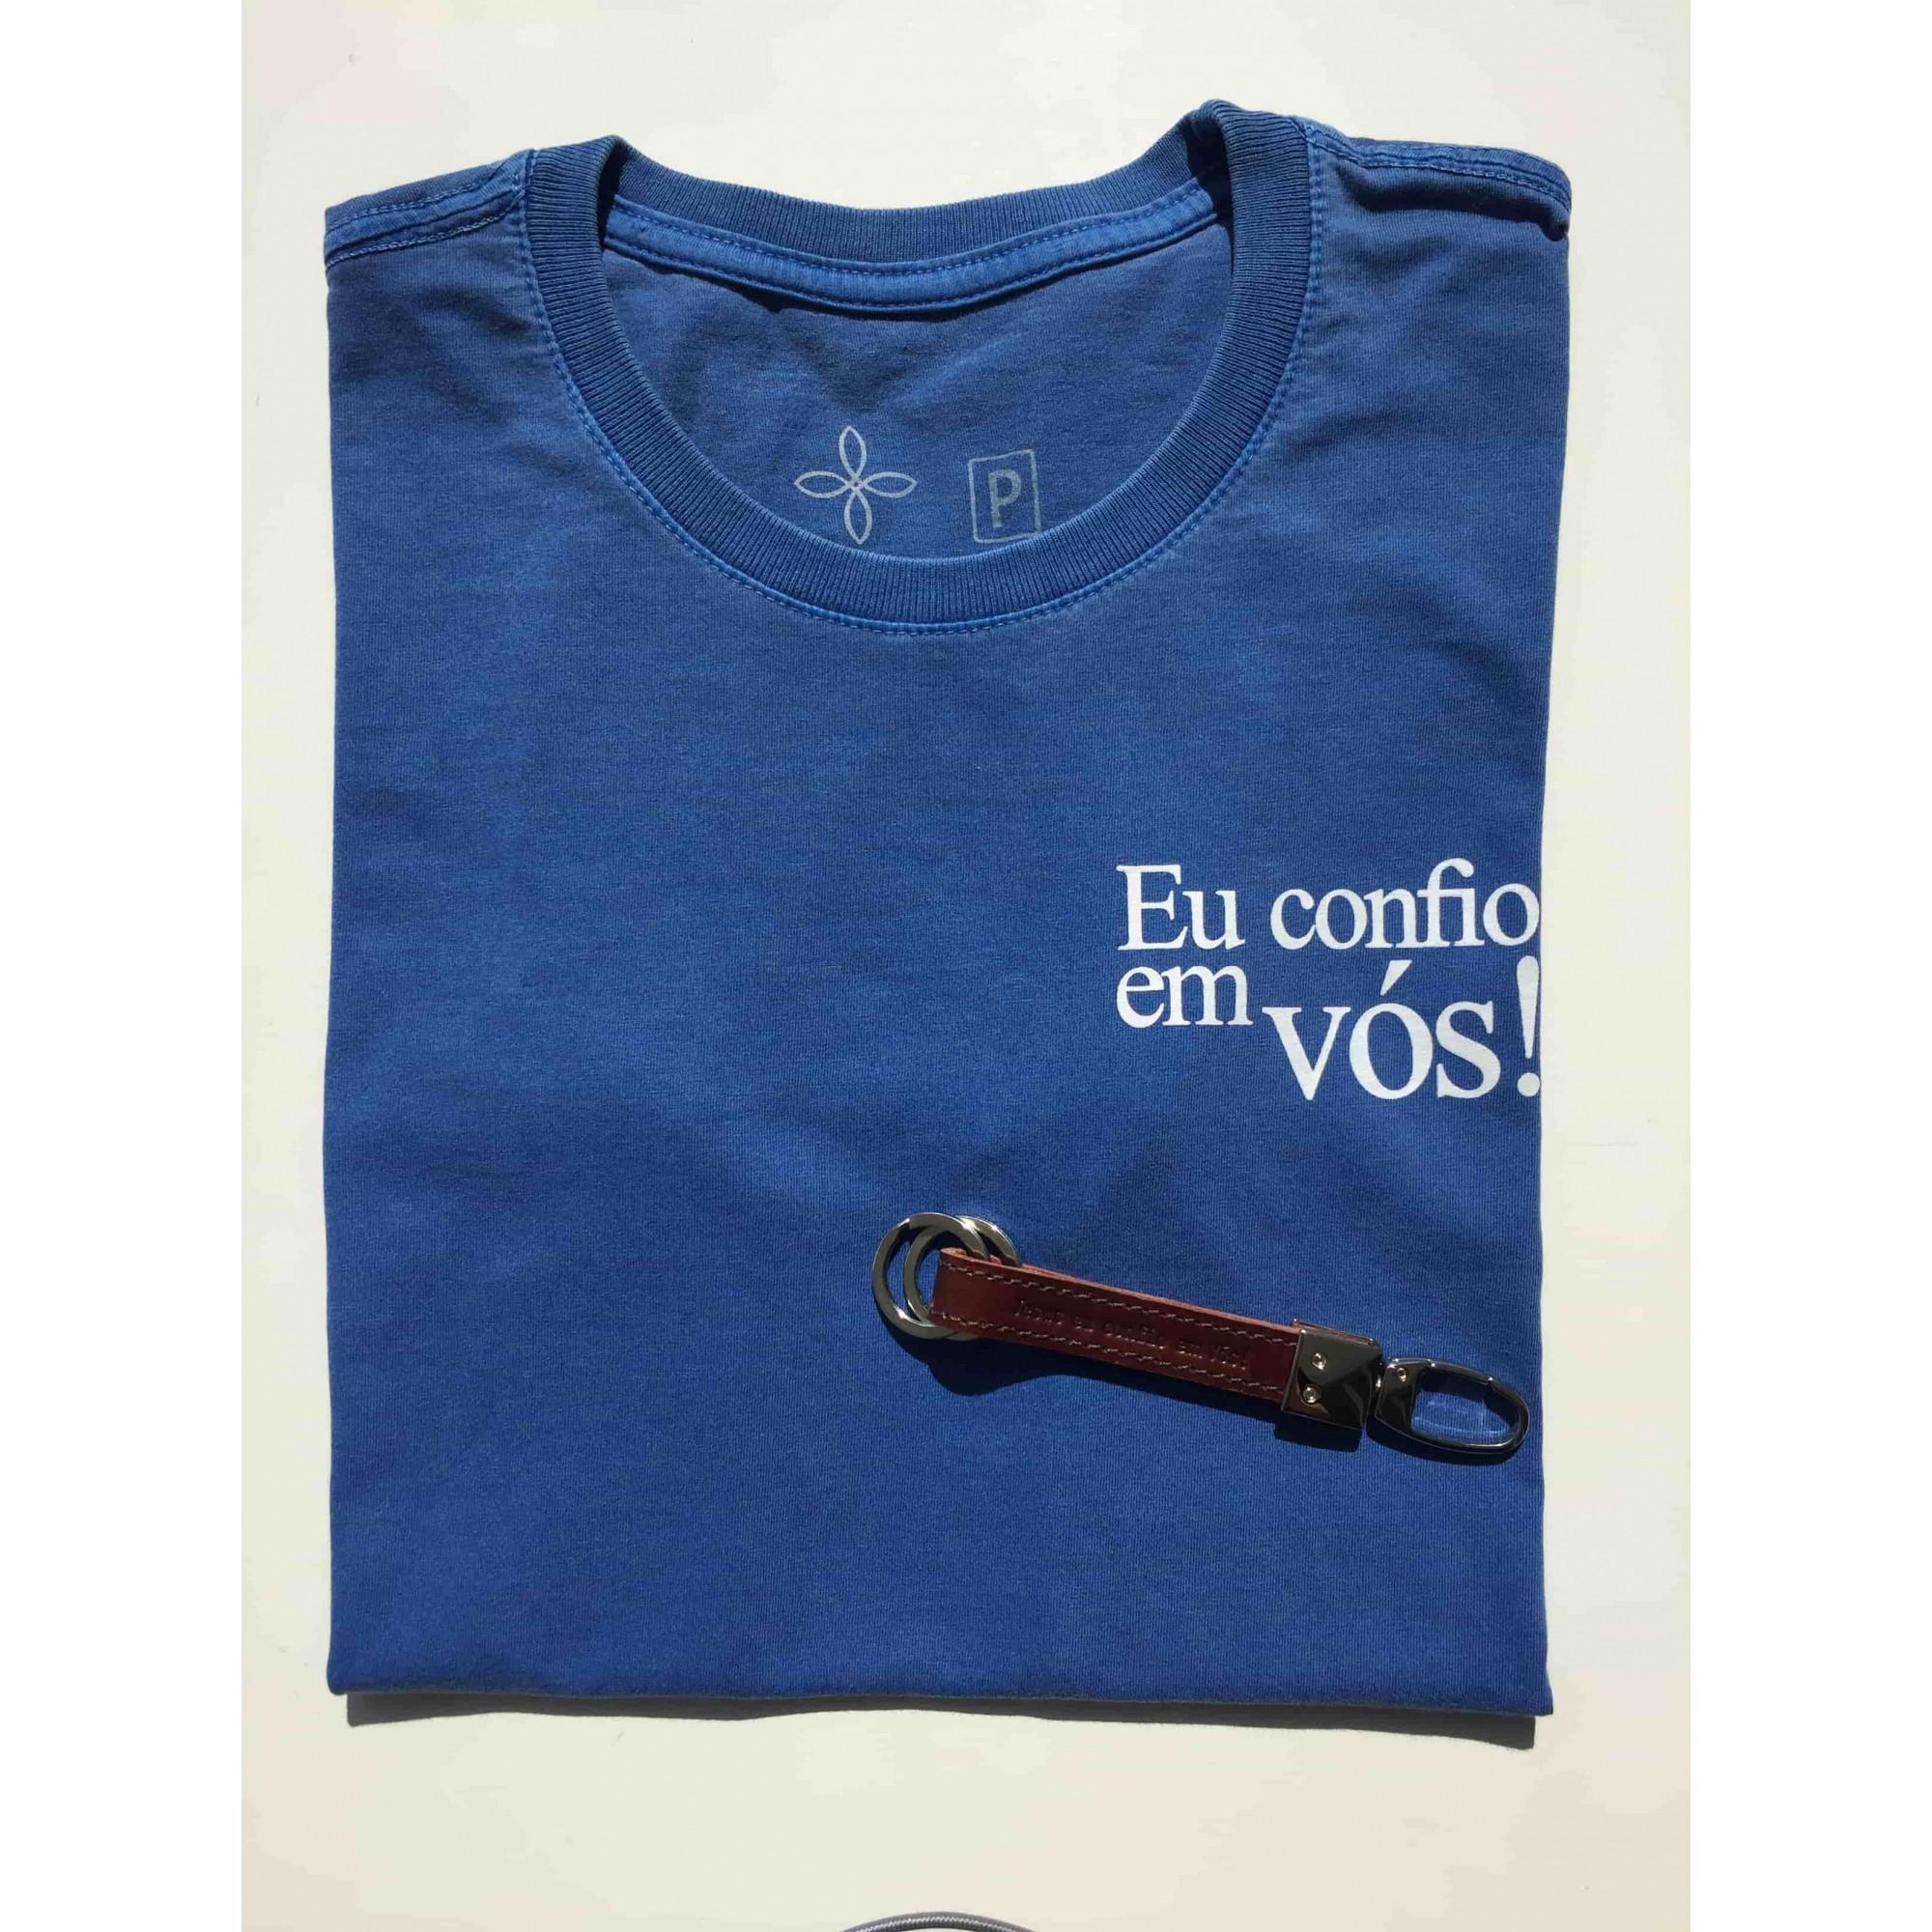 Kit Confiança 8 - Camiseta Azul Stoned Eu confio em Vós + Chaveiro couro Jesus eu confio em Vós